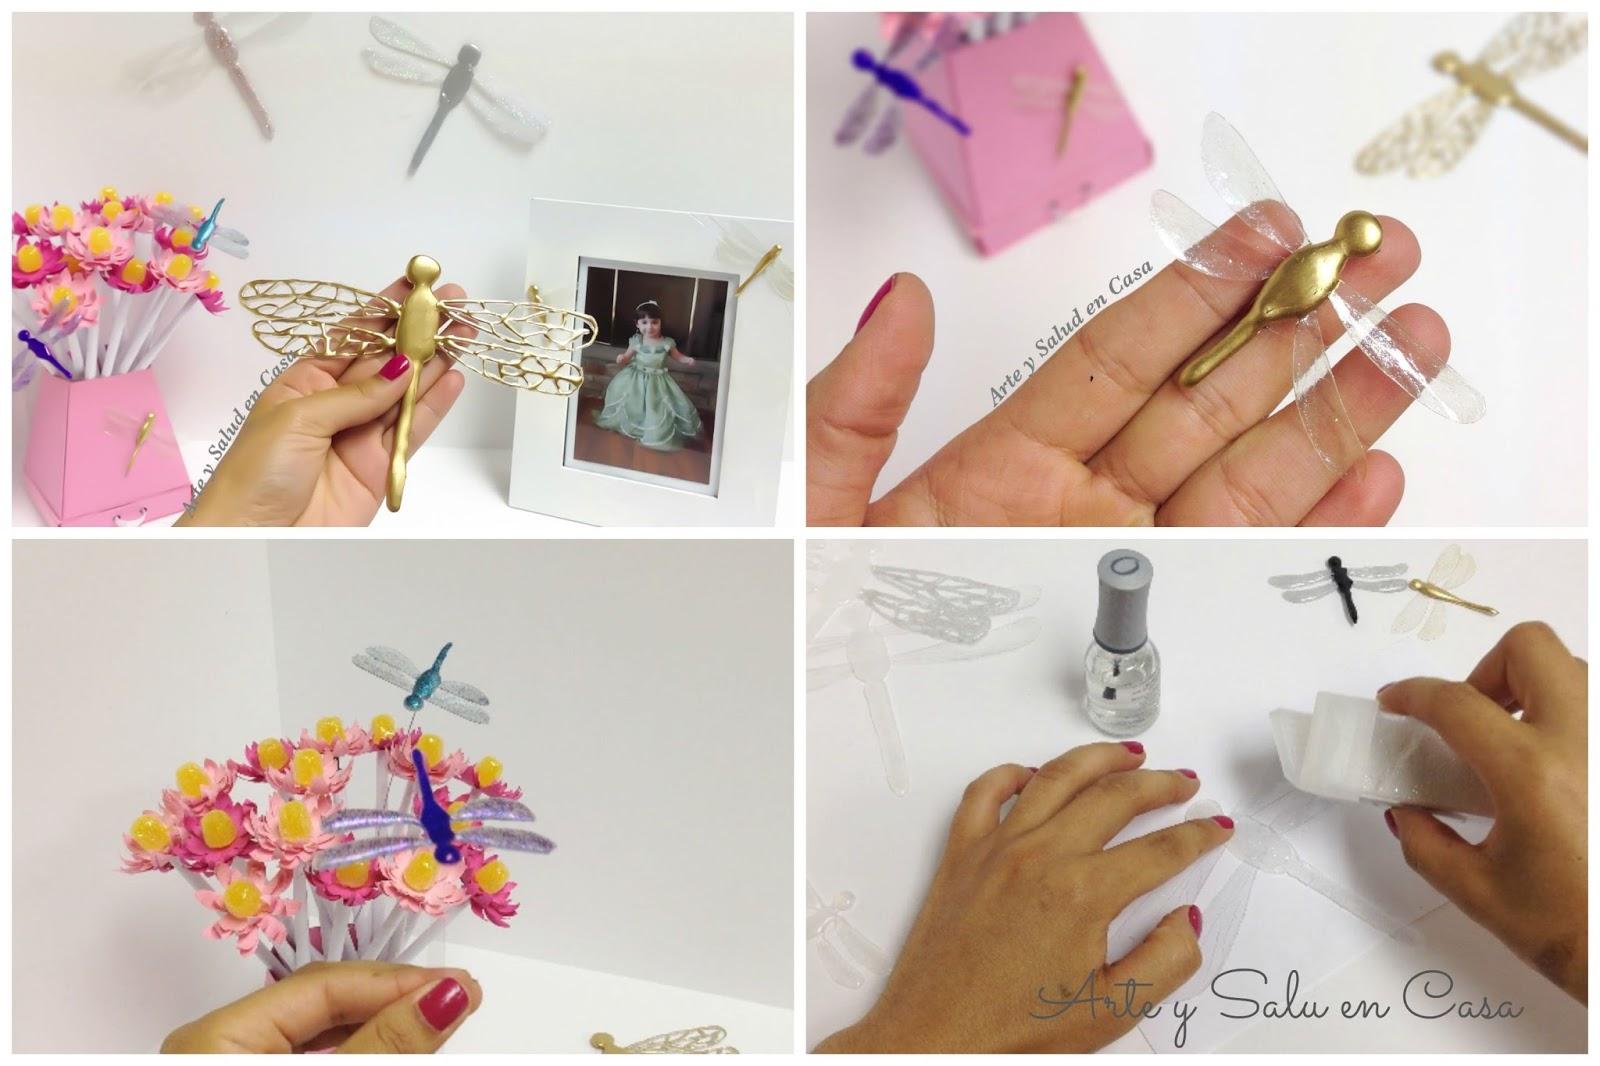 Arte y salud en casa como hacer lib lulas para decorar - Manualidades para realizar en casa ...